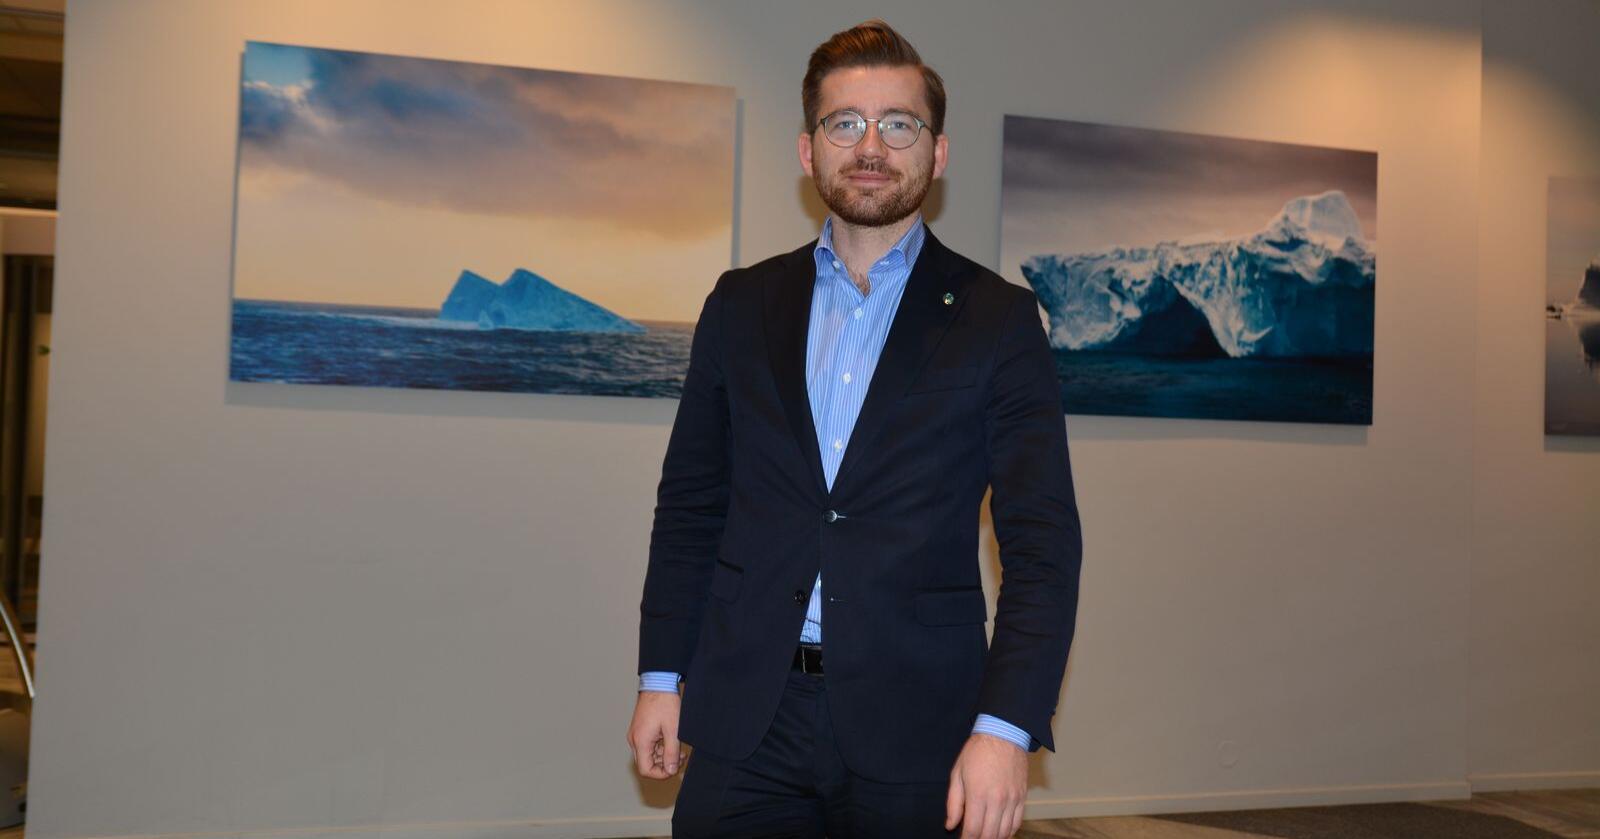 – Jeg mener det er viktig at Høyesterett tar endelig stilling til disse rettslige spørsmålene, slik at vi får en klargjøring av hvordan naturmangfaldlova er å forstå, sier klima- og miljøminister Sveinung Rotevatn (V). Foto: Anders Sandbu